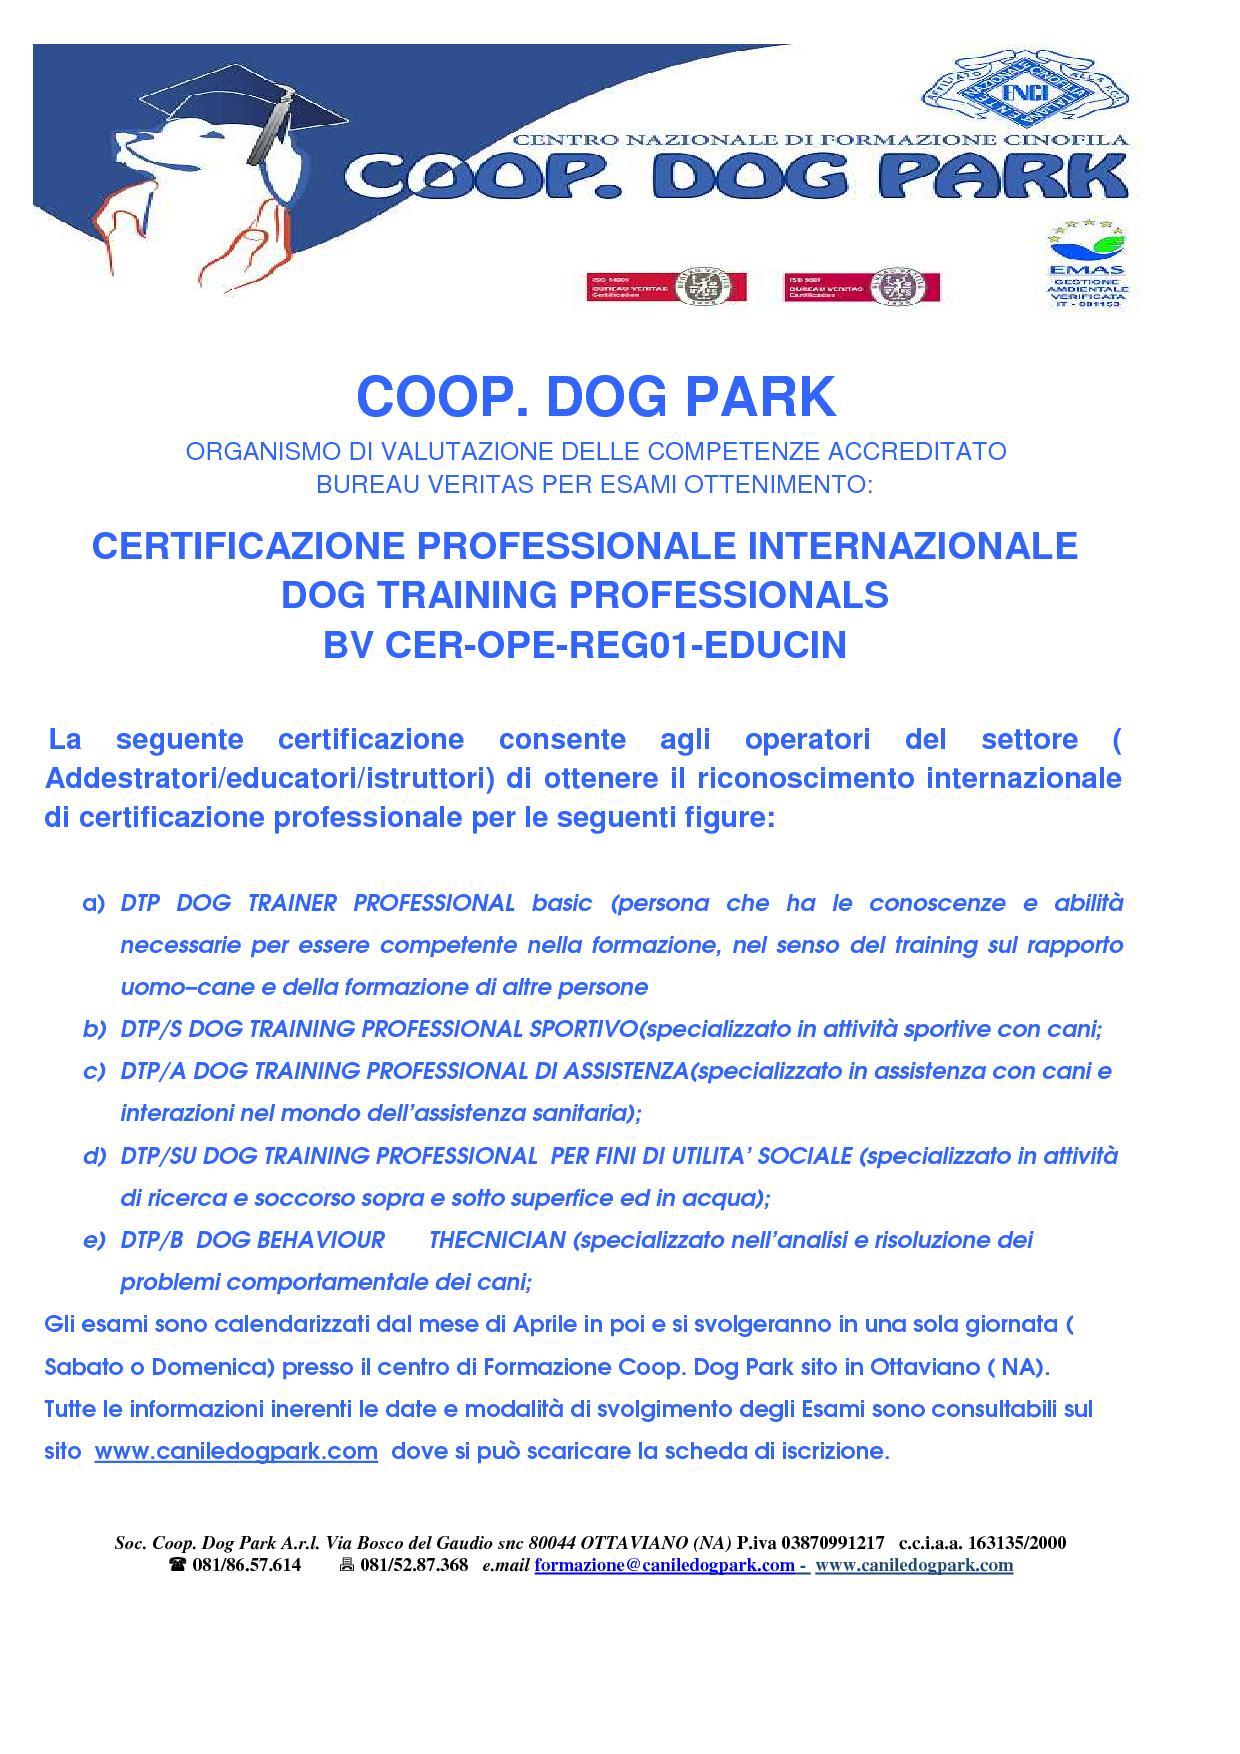 La seguente certificazione consente agli operatori del settore ( Addestratori/educatori/istruttori) di ottenere il riconoscimento internazionale di certificazione professionale per le seguenti figure:   1. DTP/S DOG TRAINING PROFESSIONAL SPORTIVO(specializzato in attività sportive con cani; 2. DTP/A DOG TRAINING PROFESSIONAL DI ASSISTENZA(specializzato in assistenza con cani e interazioni nel mondo dell'assistenza sanitaria); 3. DTP/SU DOG TRAINING PROFESSIONAL PER FINI DI UTILITA' SOCIALE (specializzato in attività di ricerca e soccorso sopra e sotto superfice ed in acqua); 4. DTP/B DOG BEHAVIOUR THECNICIAN (specializzato nell'analisi e risoluzione dei problemi comportamentale dei cani; 5. CLIENTE ( persona che incarica il DTP ad aiutare ed istruire nella formazione del cane)  Gli esami sono calendarizzati dal mese di Aprile in poi e si svolgeranno in una sola giornata ( Sabato o Domenica) presso il centro di Formazione Coop. Dog Park sito in Ottaviano ( NA).  Tutte le informazioni inerenti le date e modalità di svolgimento degli Esami sono consultabili sul sito www.caniledogpark.com dove si può scaricare la scheda di iscrizione.